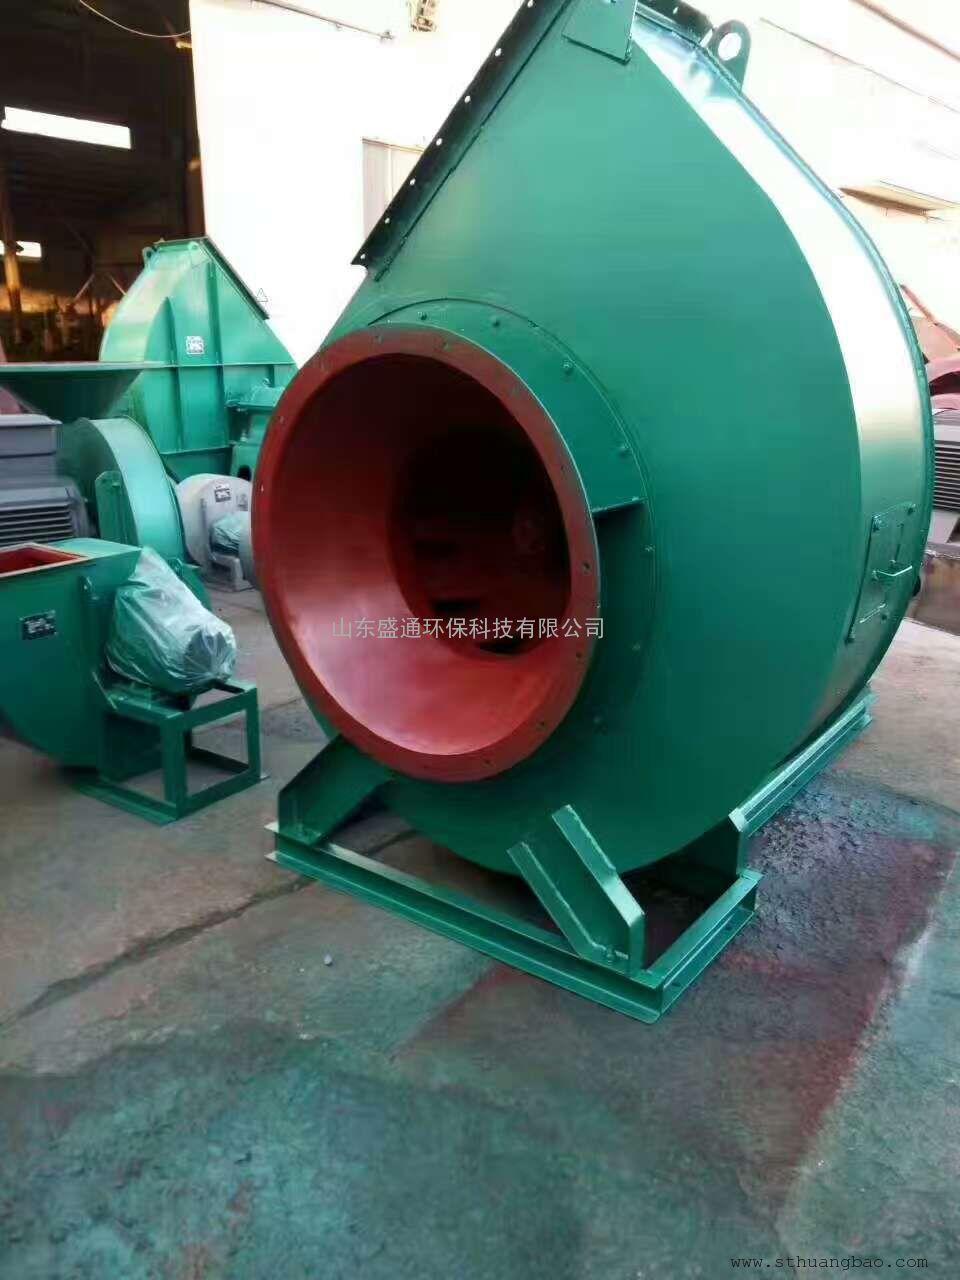 专业6-51离心风机 高效率引风机 6-52锅炉送风机耐温300度风机